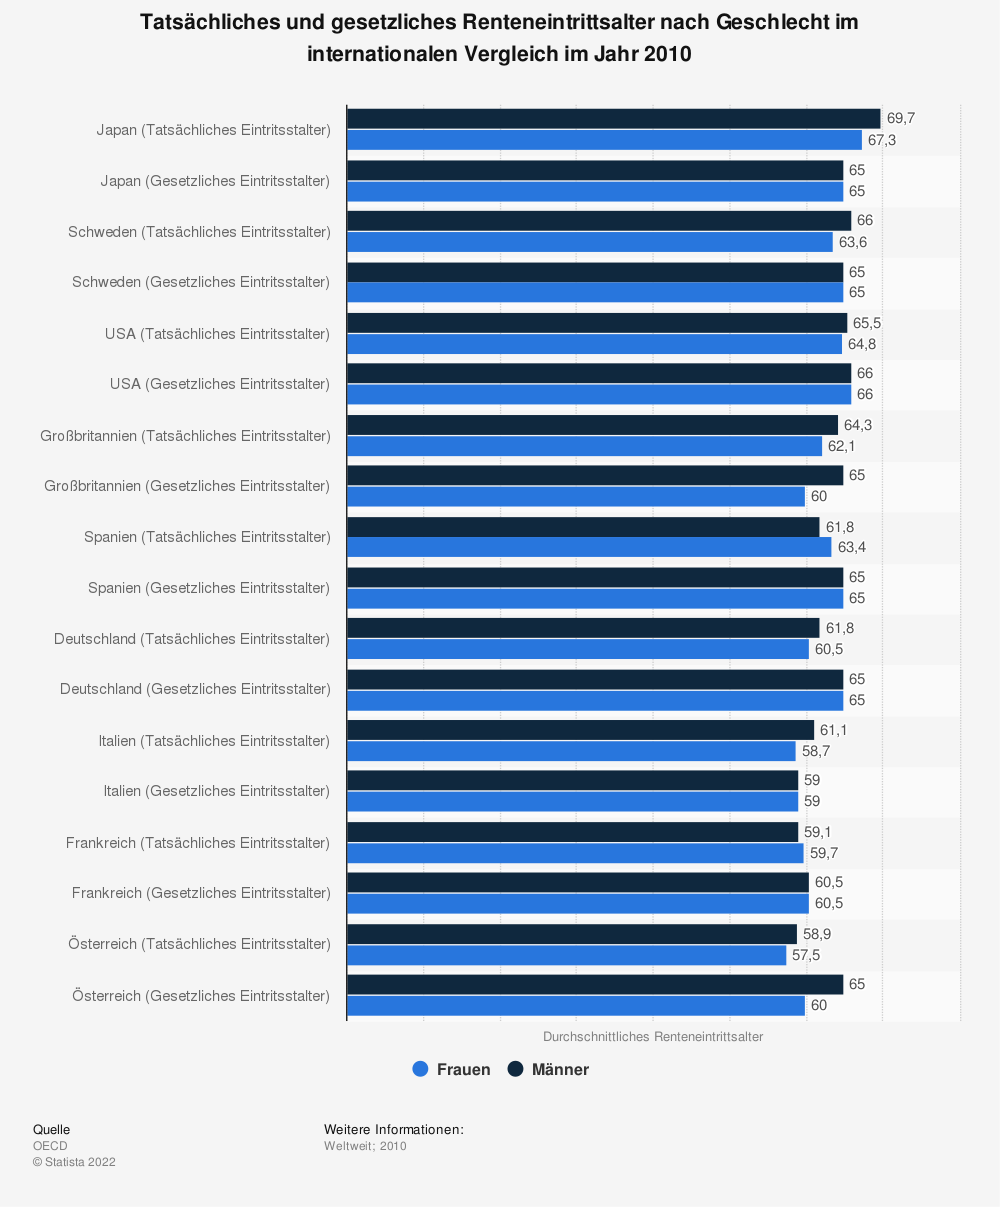 Statistik: Tatsächliches und gesetzliches Renteneintrittsalter nach Geschlecht im internationalen Vergleich im Jahr 2010   Statista